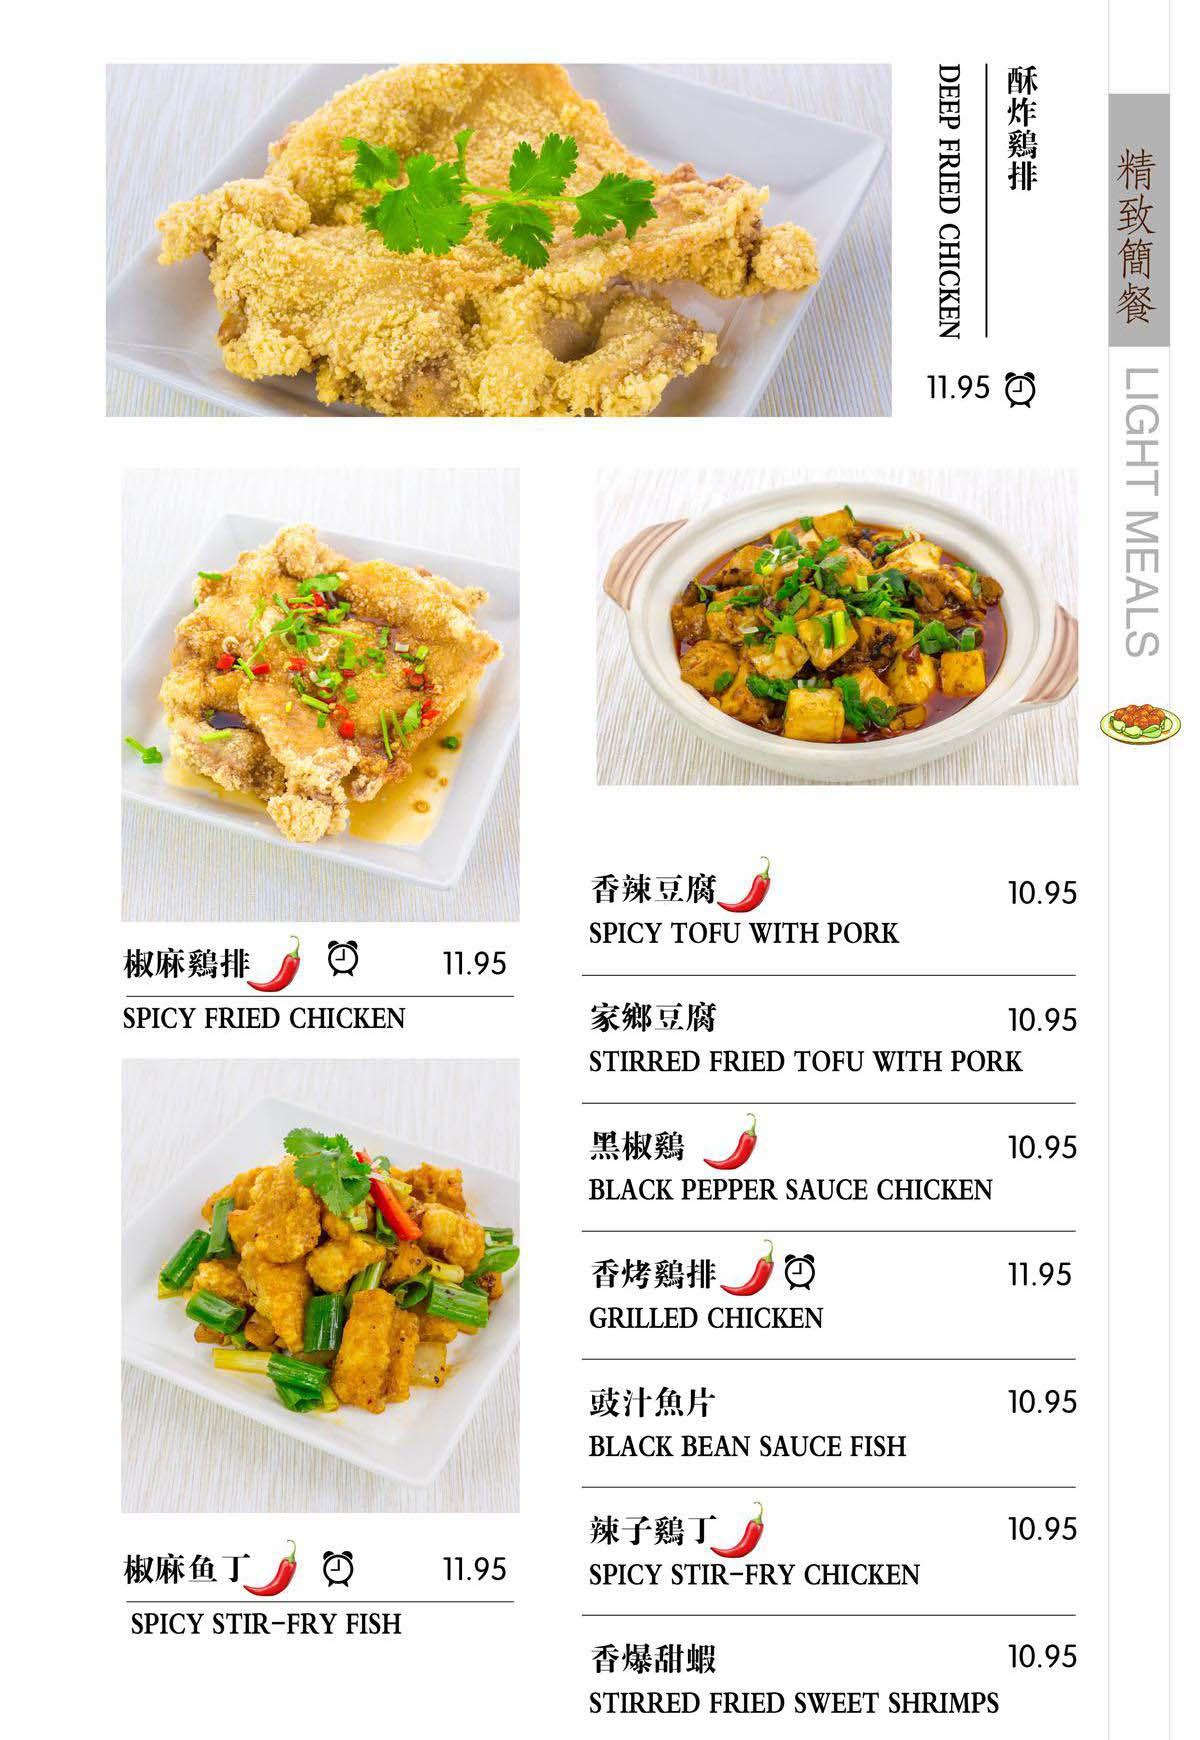 02-light_meals-2a